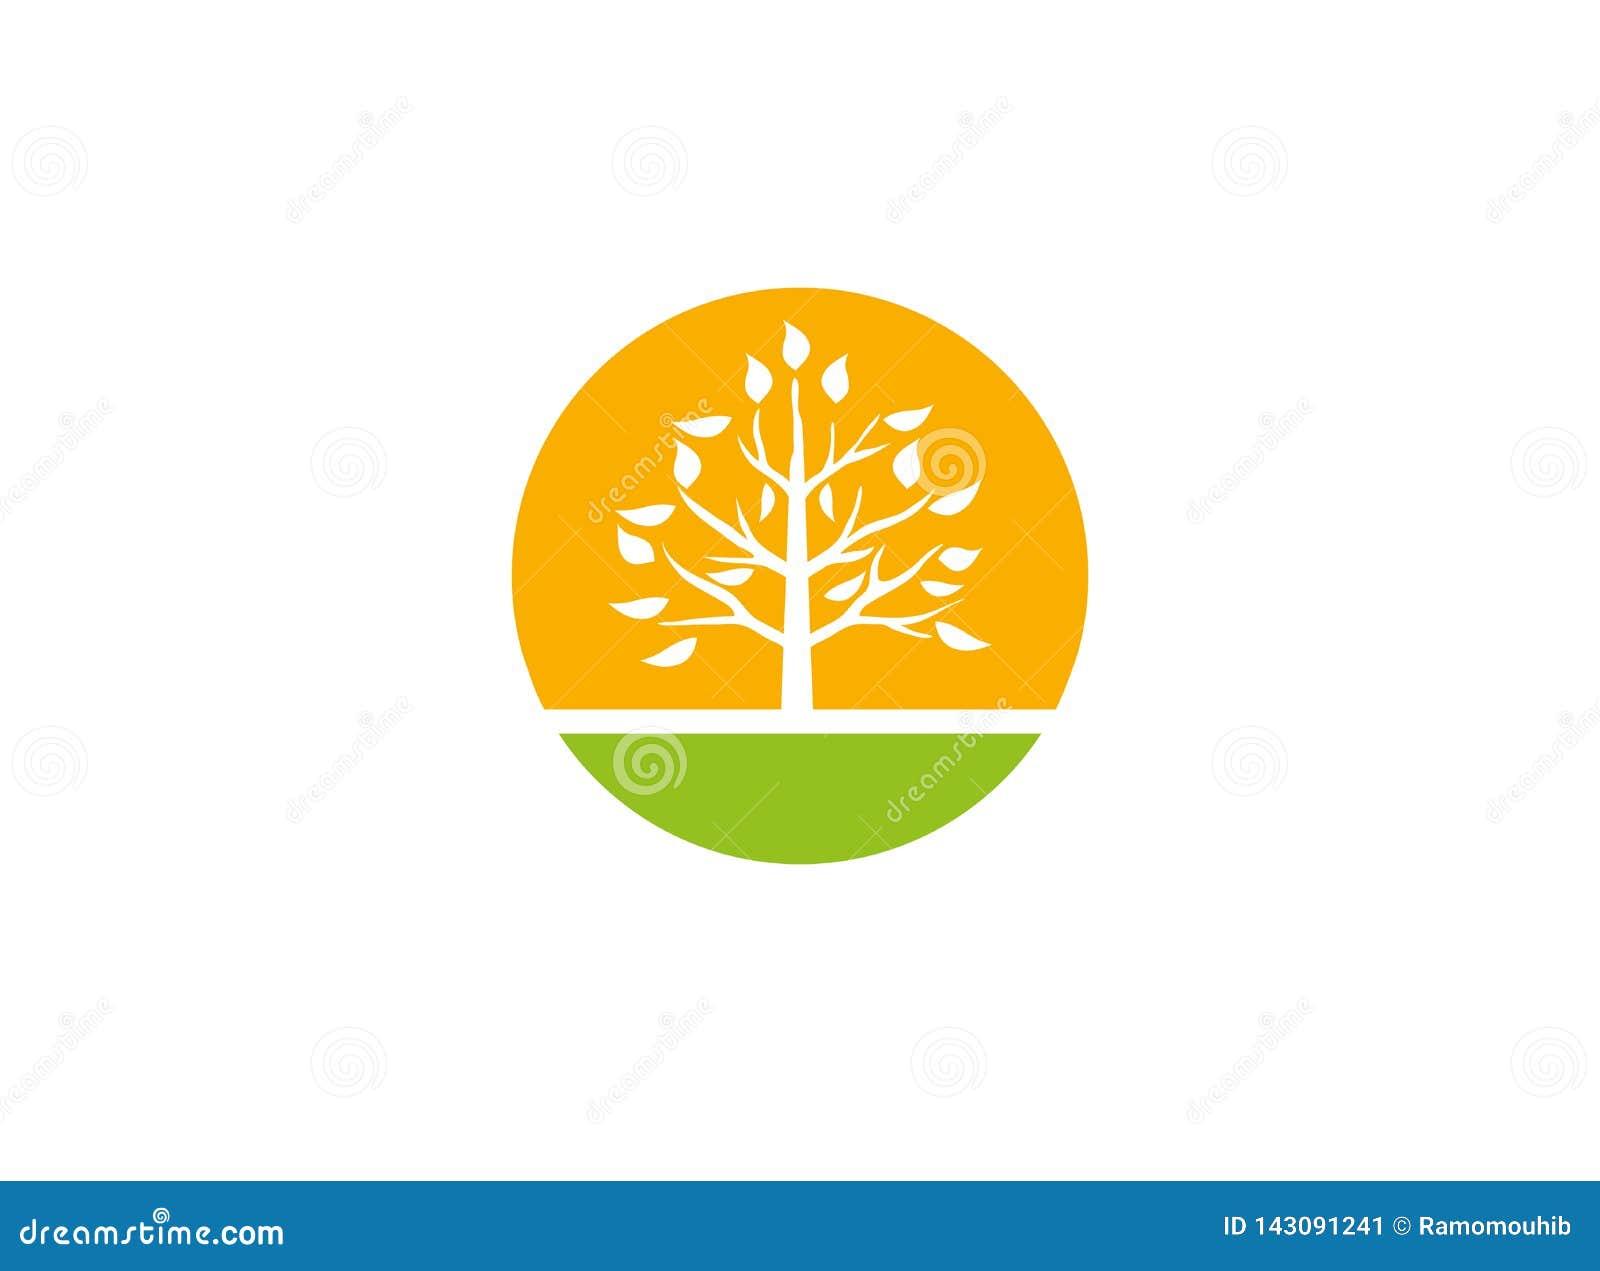 Ένα φυλλώδες δέντρο για ένα γεωργικό χώμα και οι εγκαταστάσεις με το μεγάλο ήλιο για την καλλιέργεια των ηλιακών εγκαταστάσεων γι